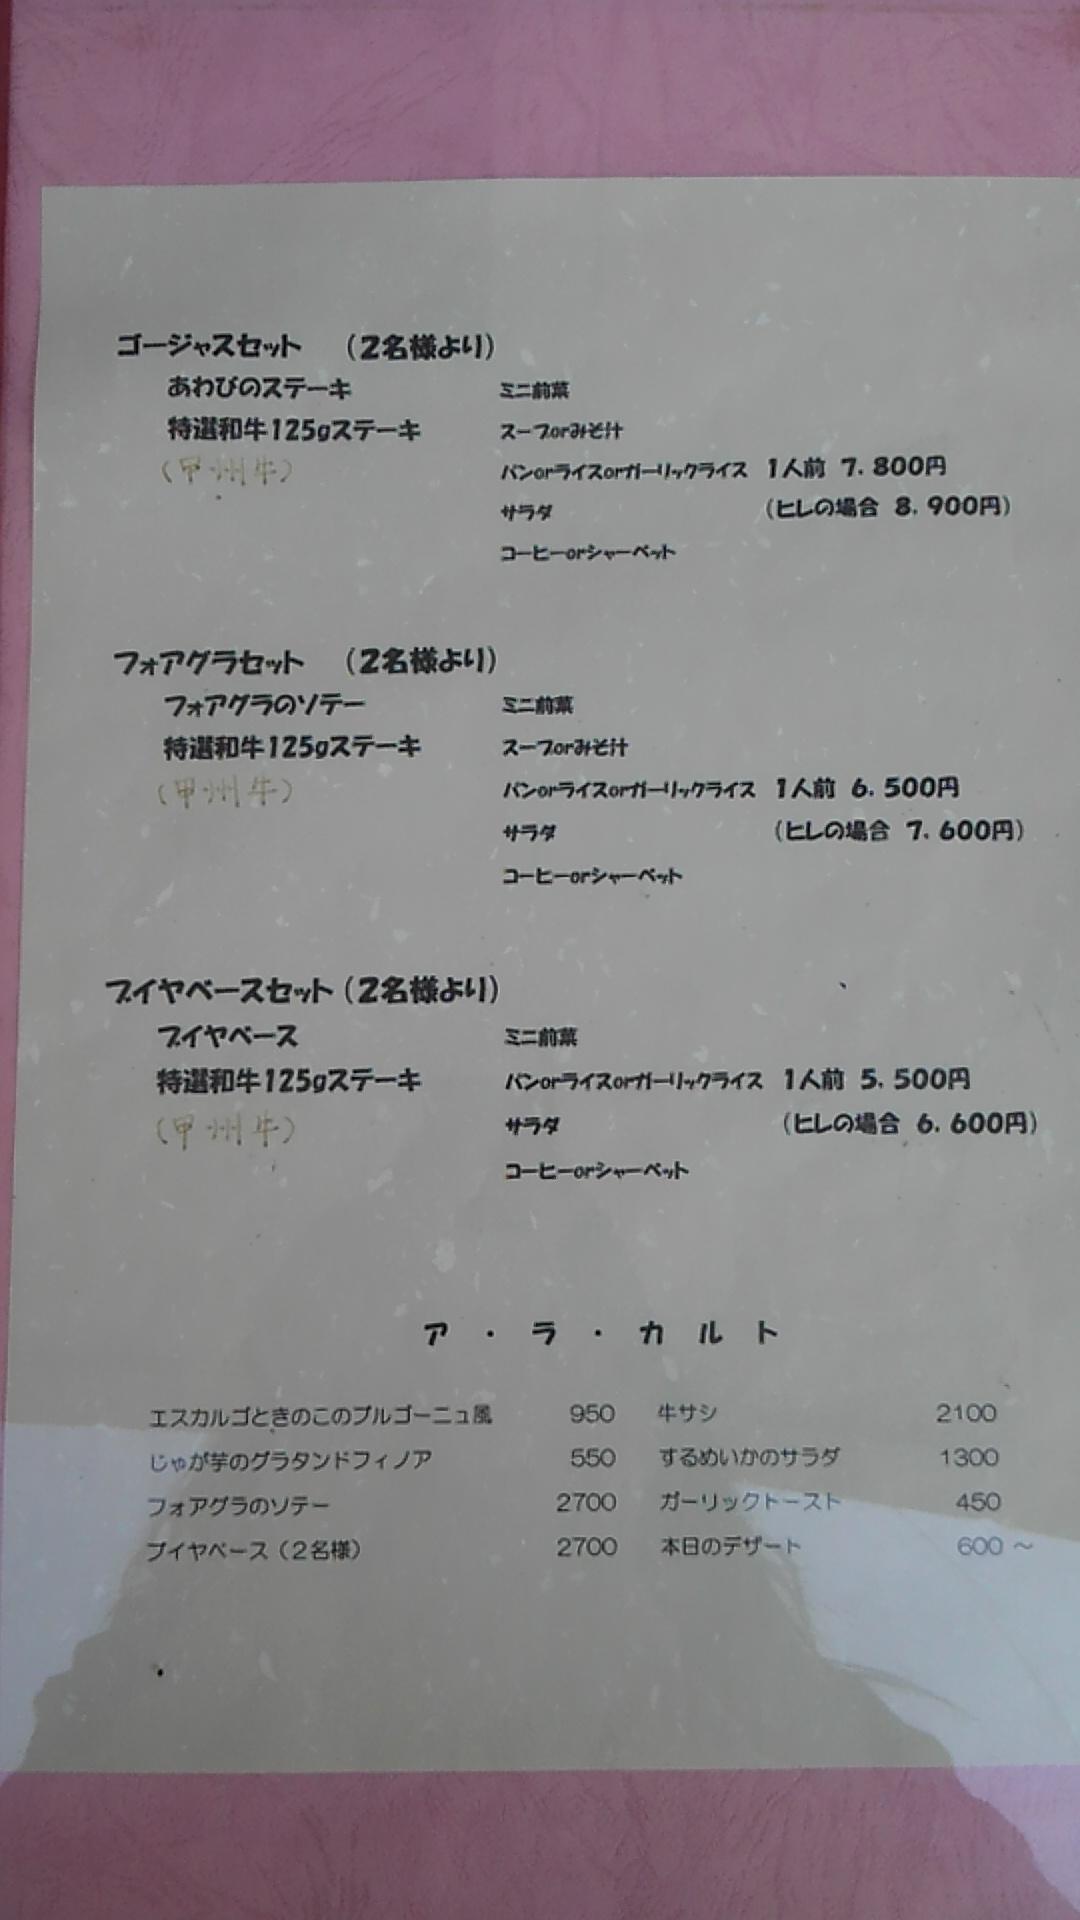 ムッシュー・オダ